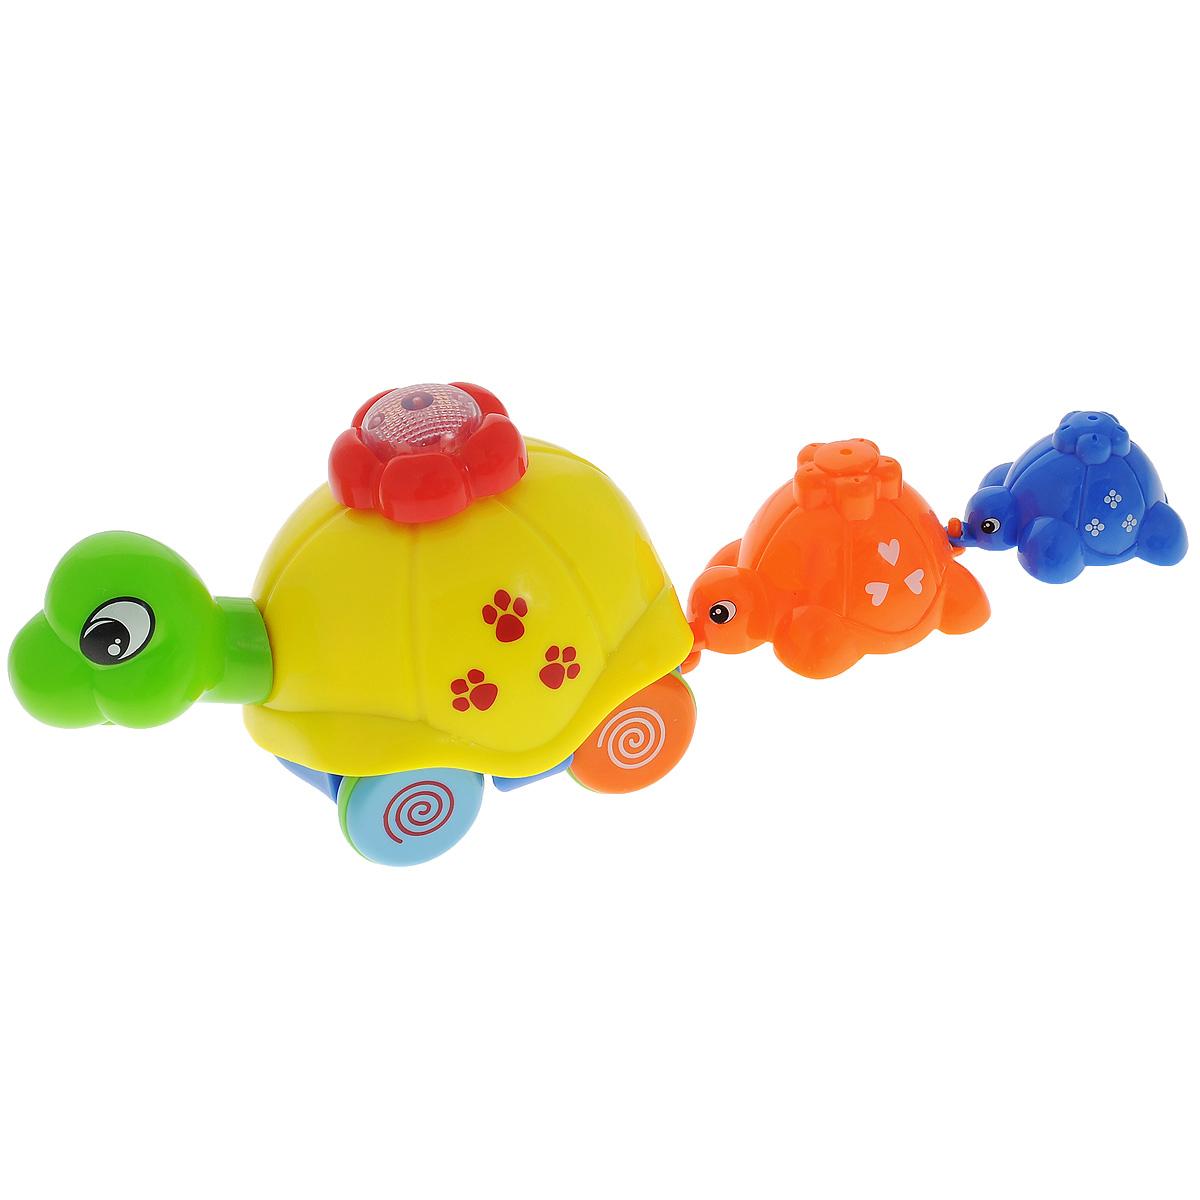 """Развивающая игрушка Малышарики """"Семья черепашек"""", со световыми и звуковыми эффектами, Concord Toys International Limited"""